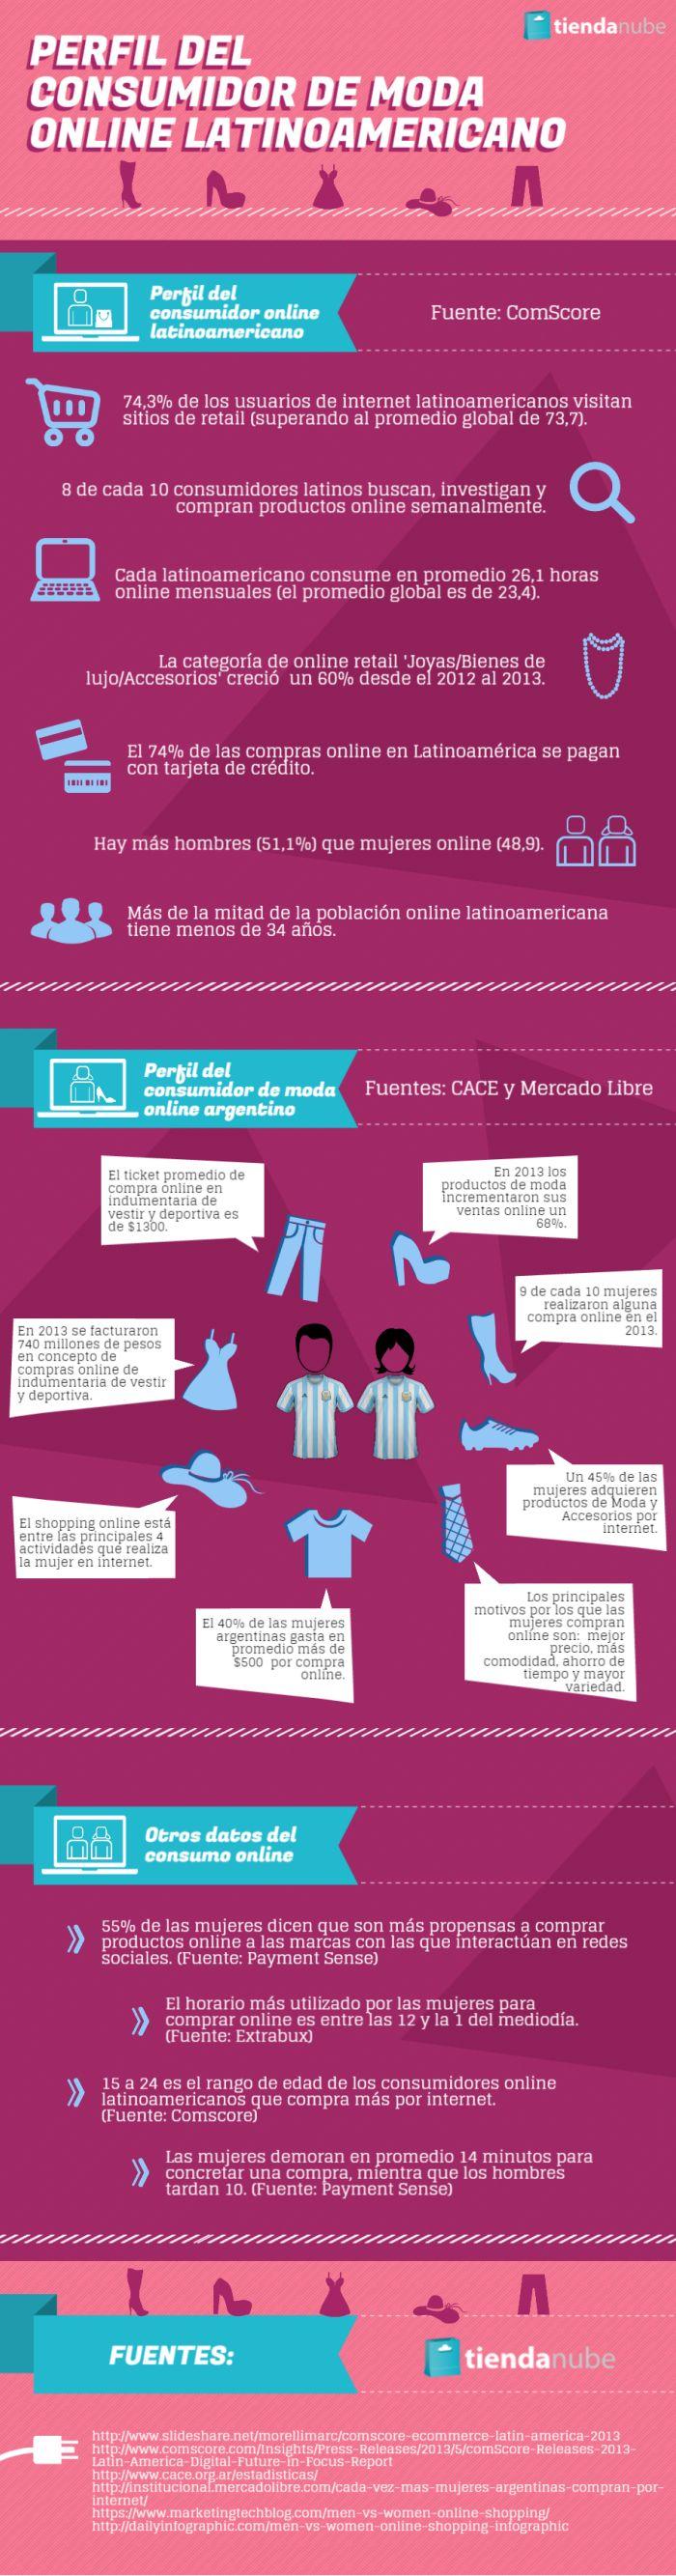 Perfil del consumidor de moda online latinoamericano